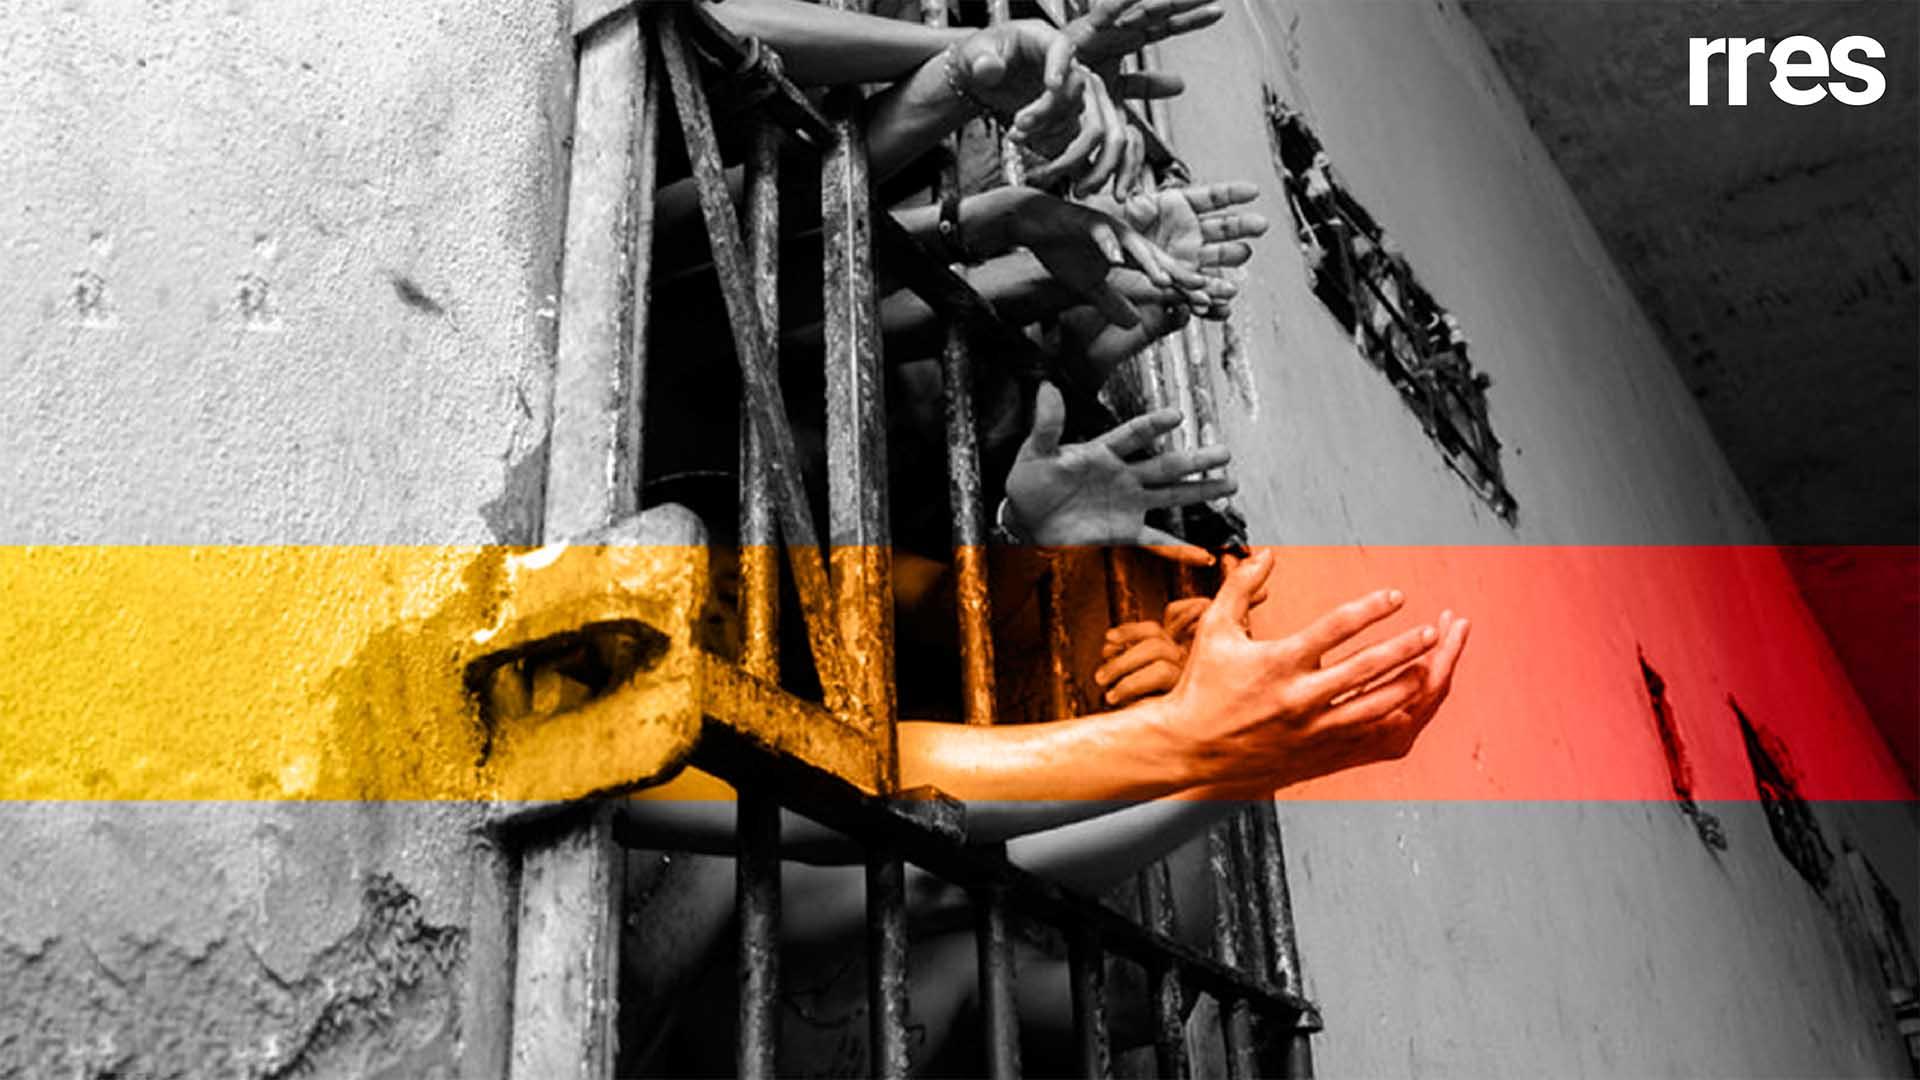 Calabozos policiales: un semestre de caos, por Carlos Nieto Palma